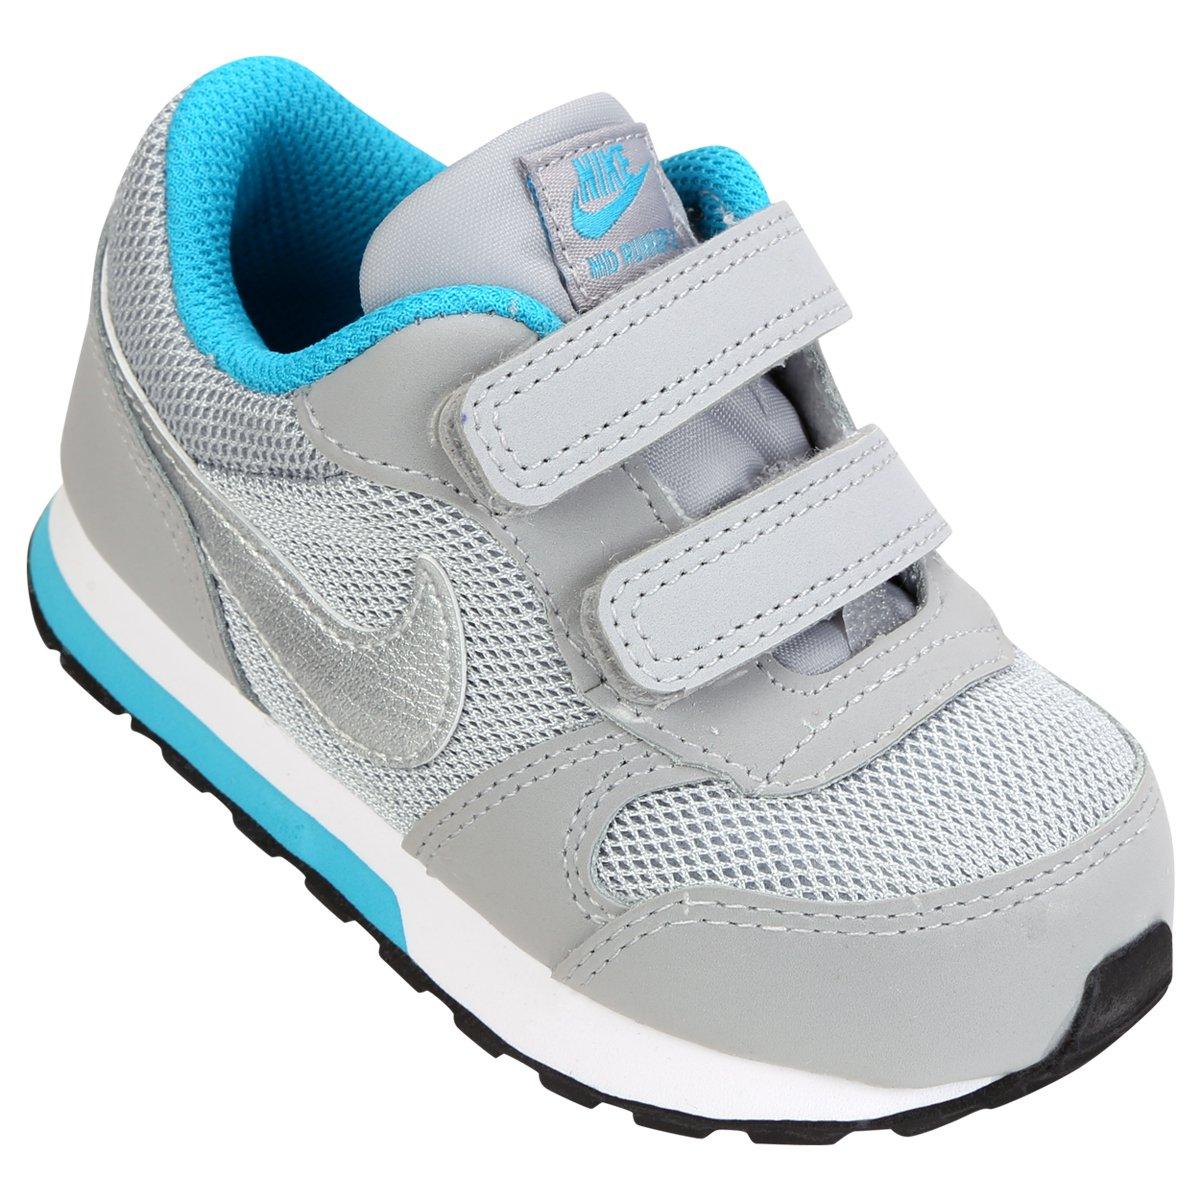 0d71e455dc15f Tênis Infantil Nike Md Runner 2 - Prata e Azul Claro | Shop Timão